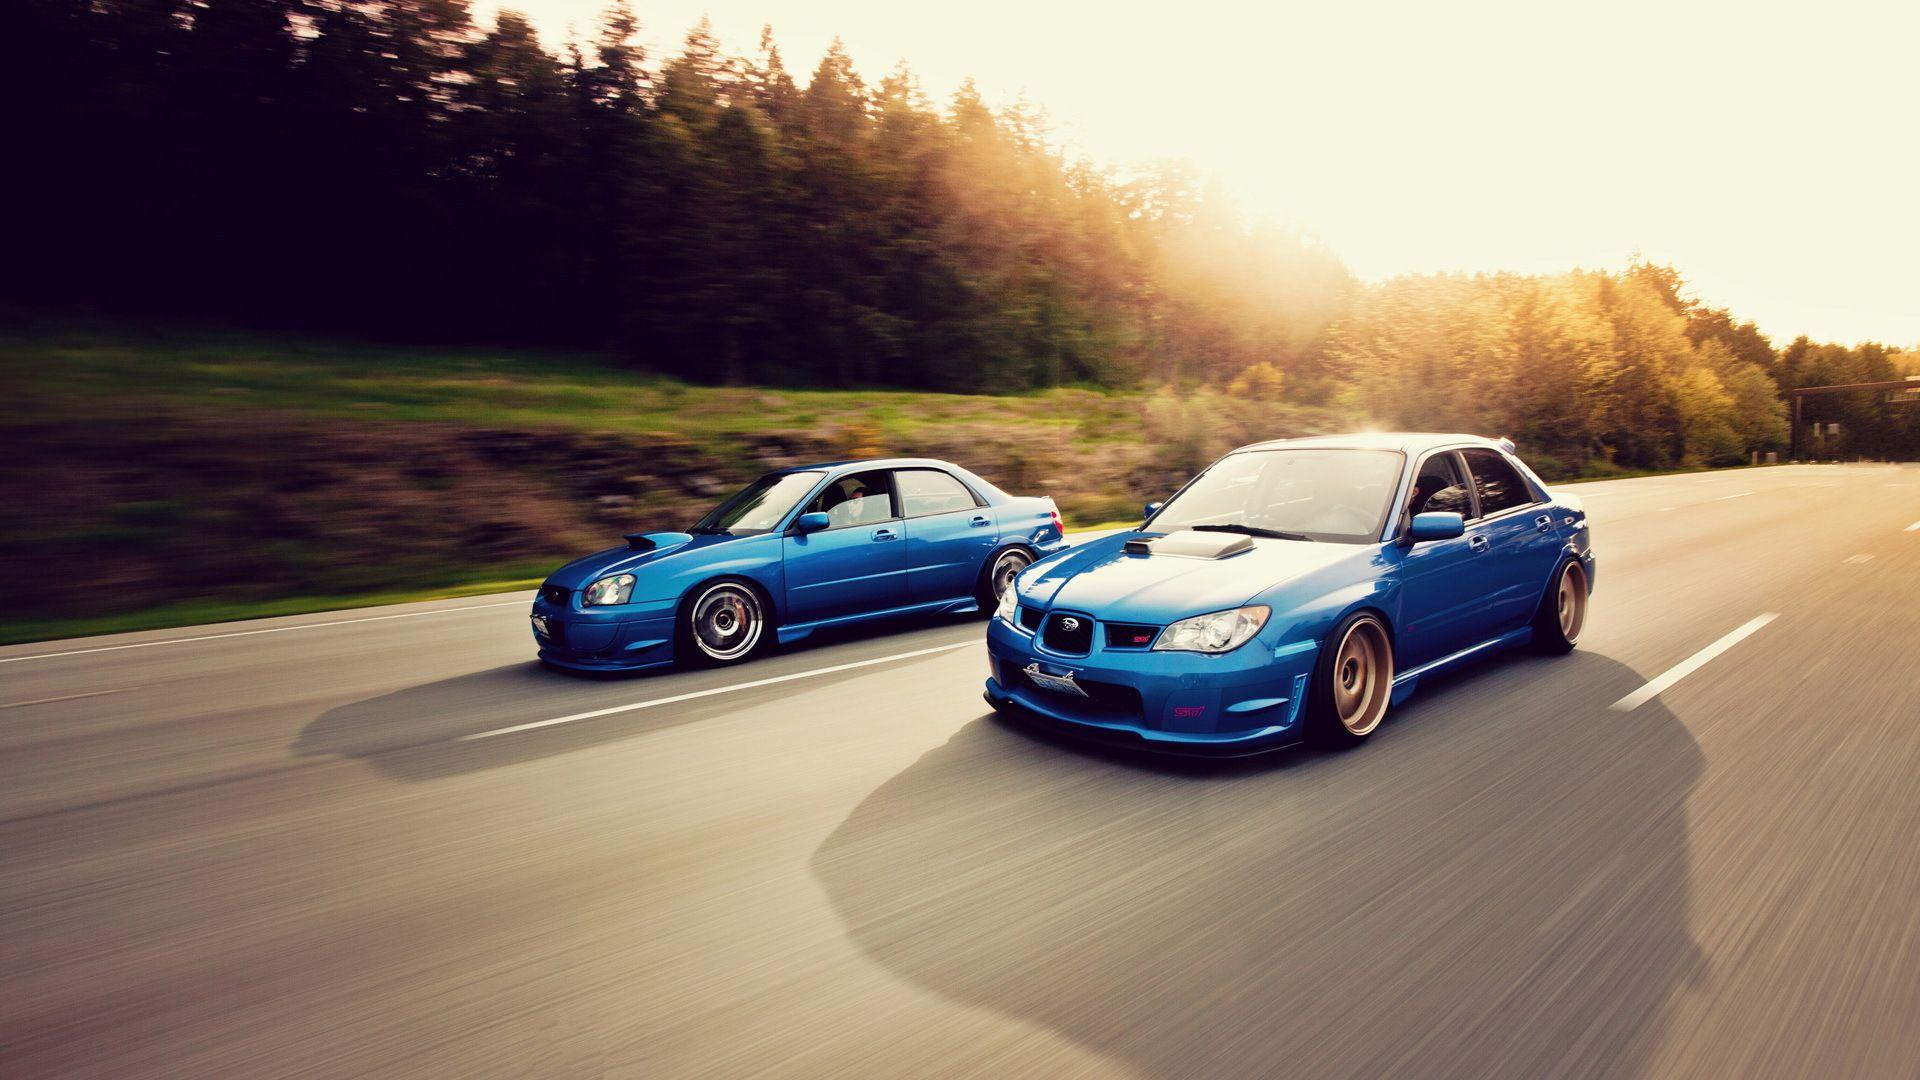 View Of Subaru Impreza Wallpapers Hd Car Wallpapers